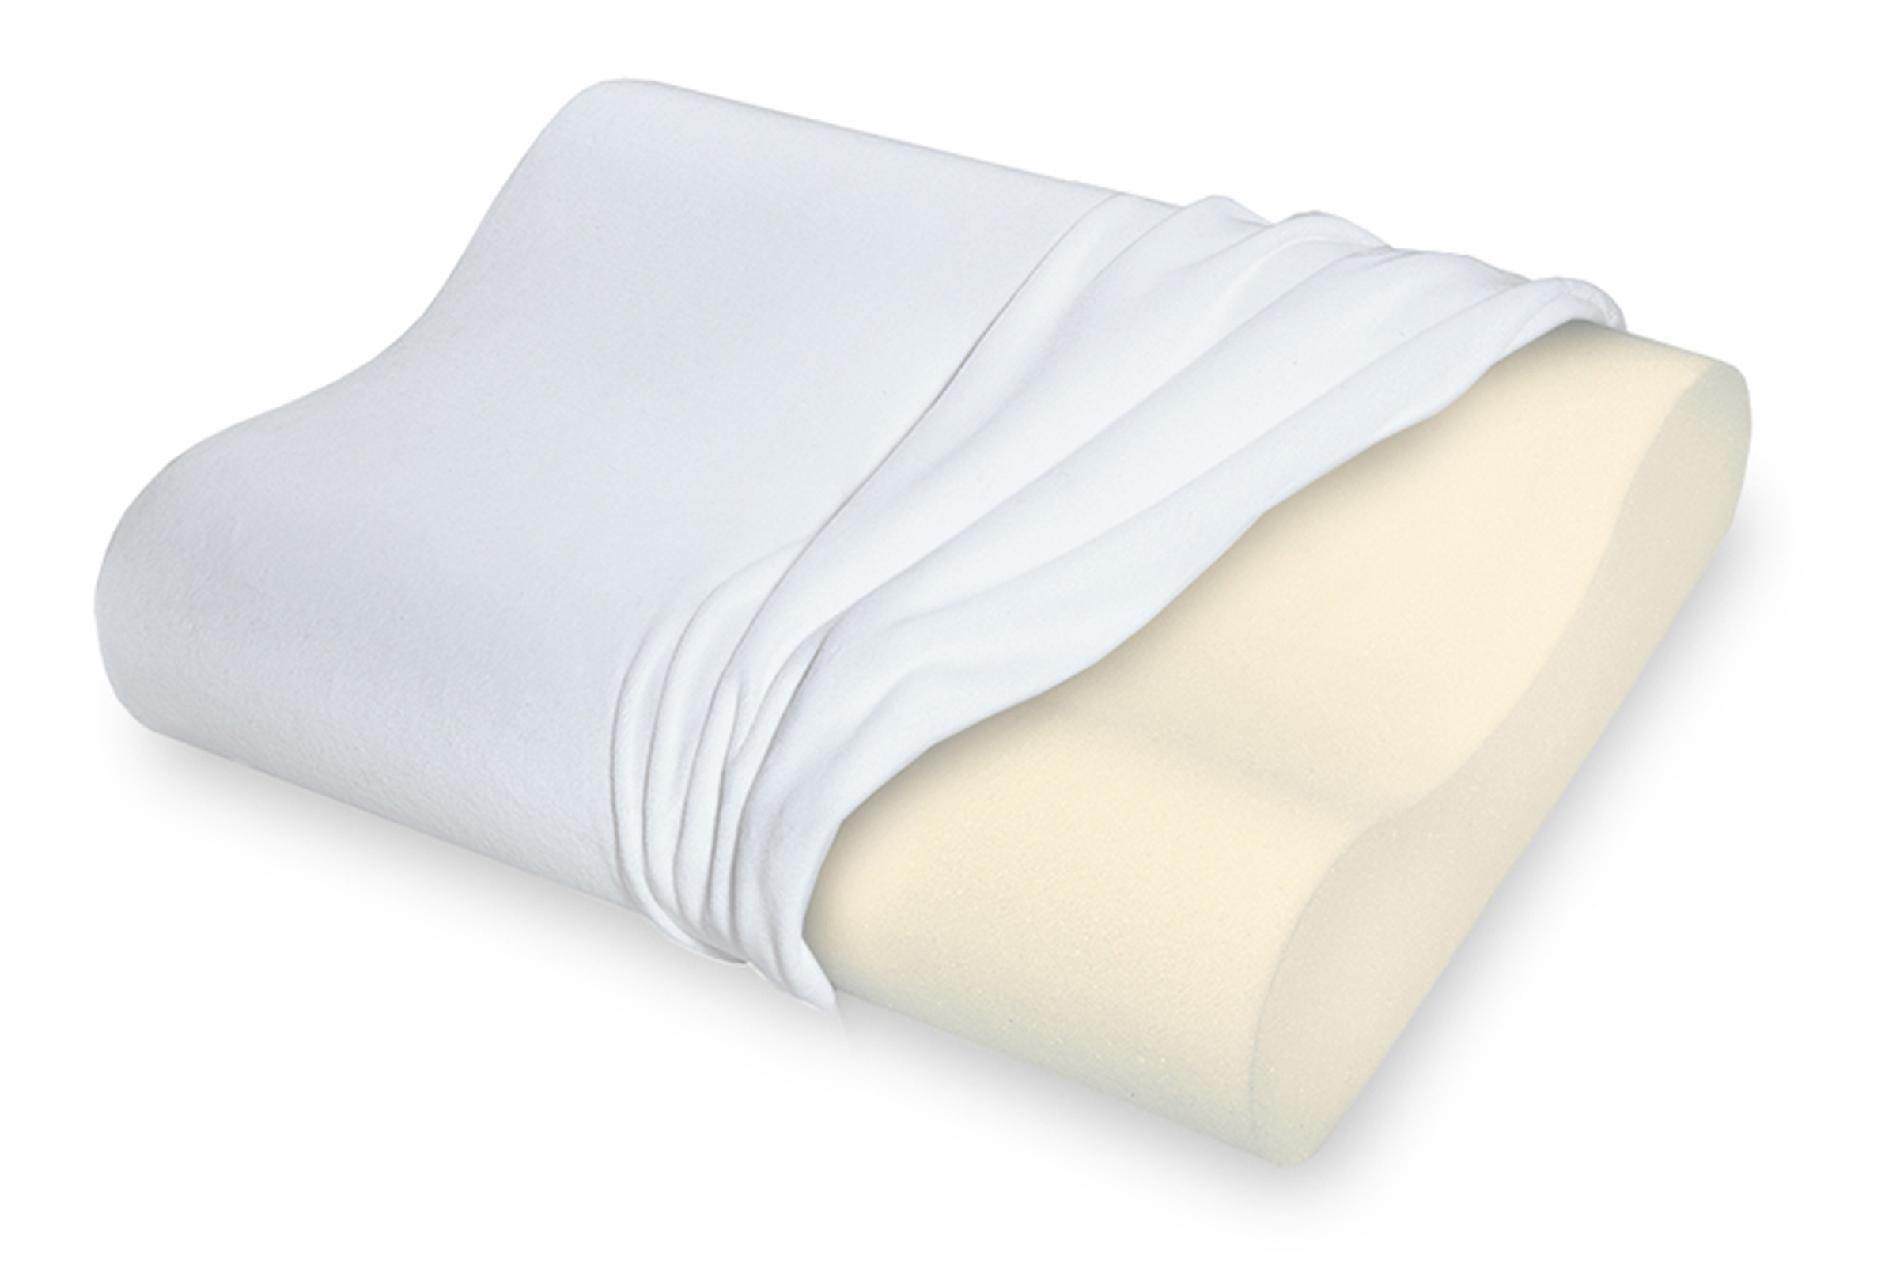 kmart memory foam pillow review